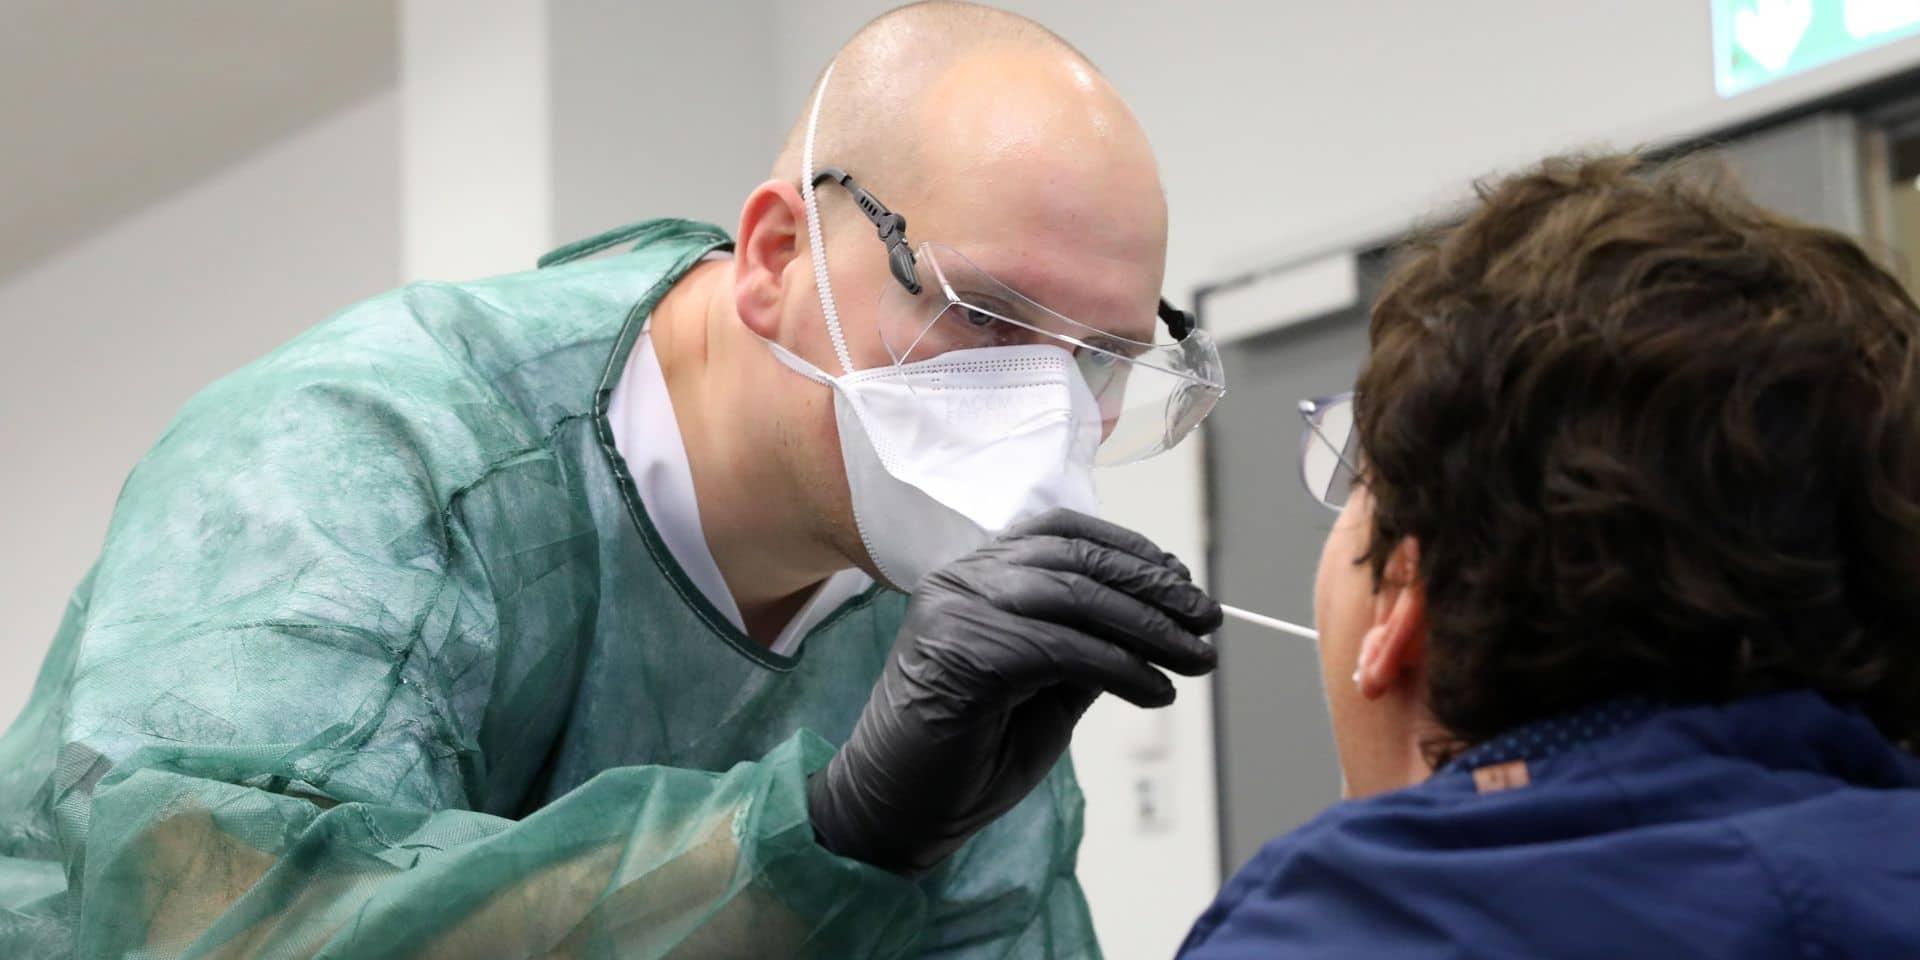 Voici les professions pour lesquelles les tests seront autorisés même si les personnes n'ont pas de symptômes